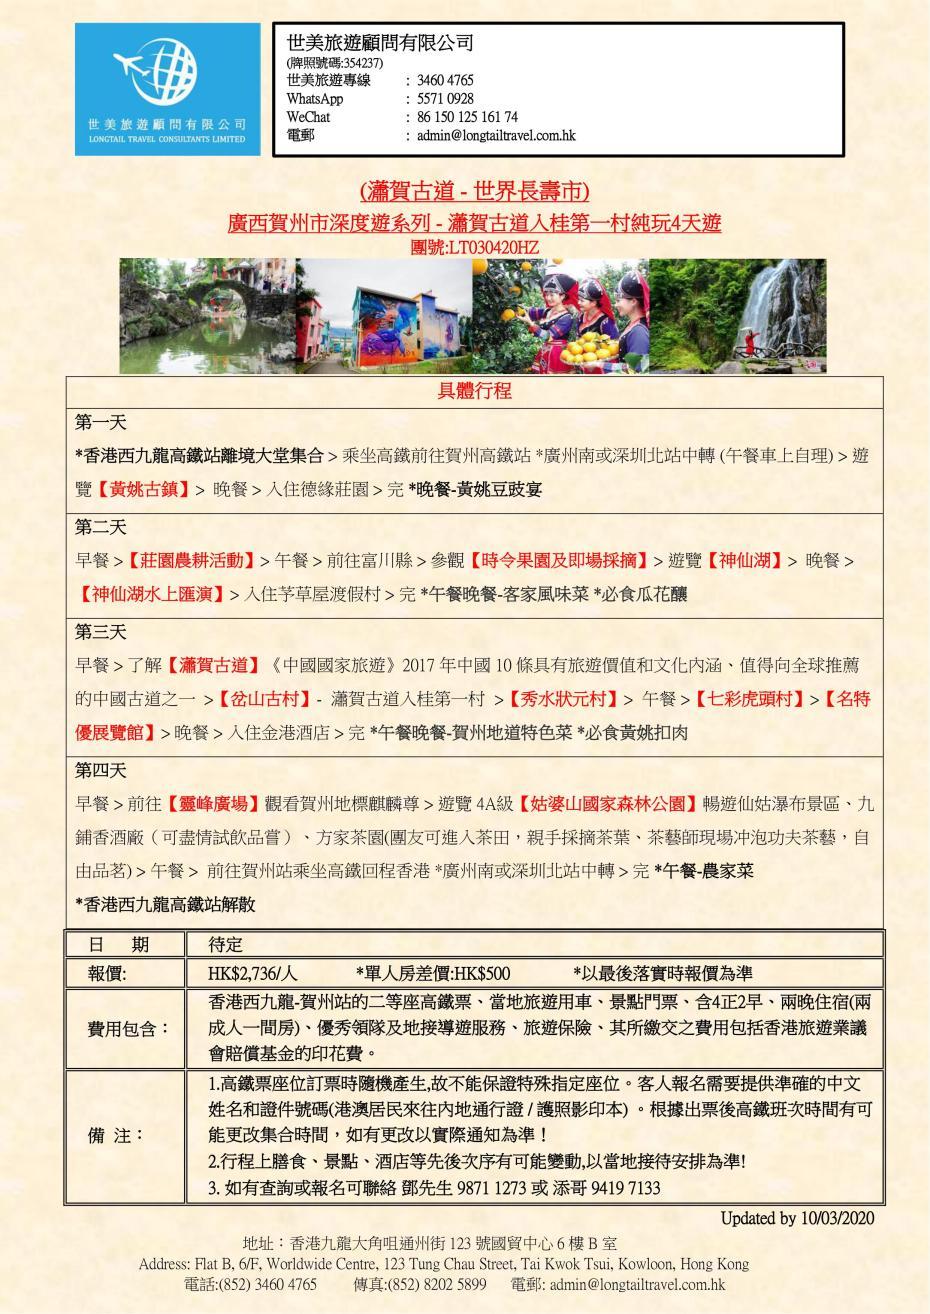 廣西賀州市深度遊系列 - 瀟賀古道入桂第一村純玩4天遊